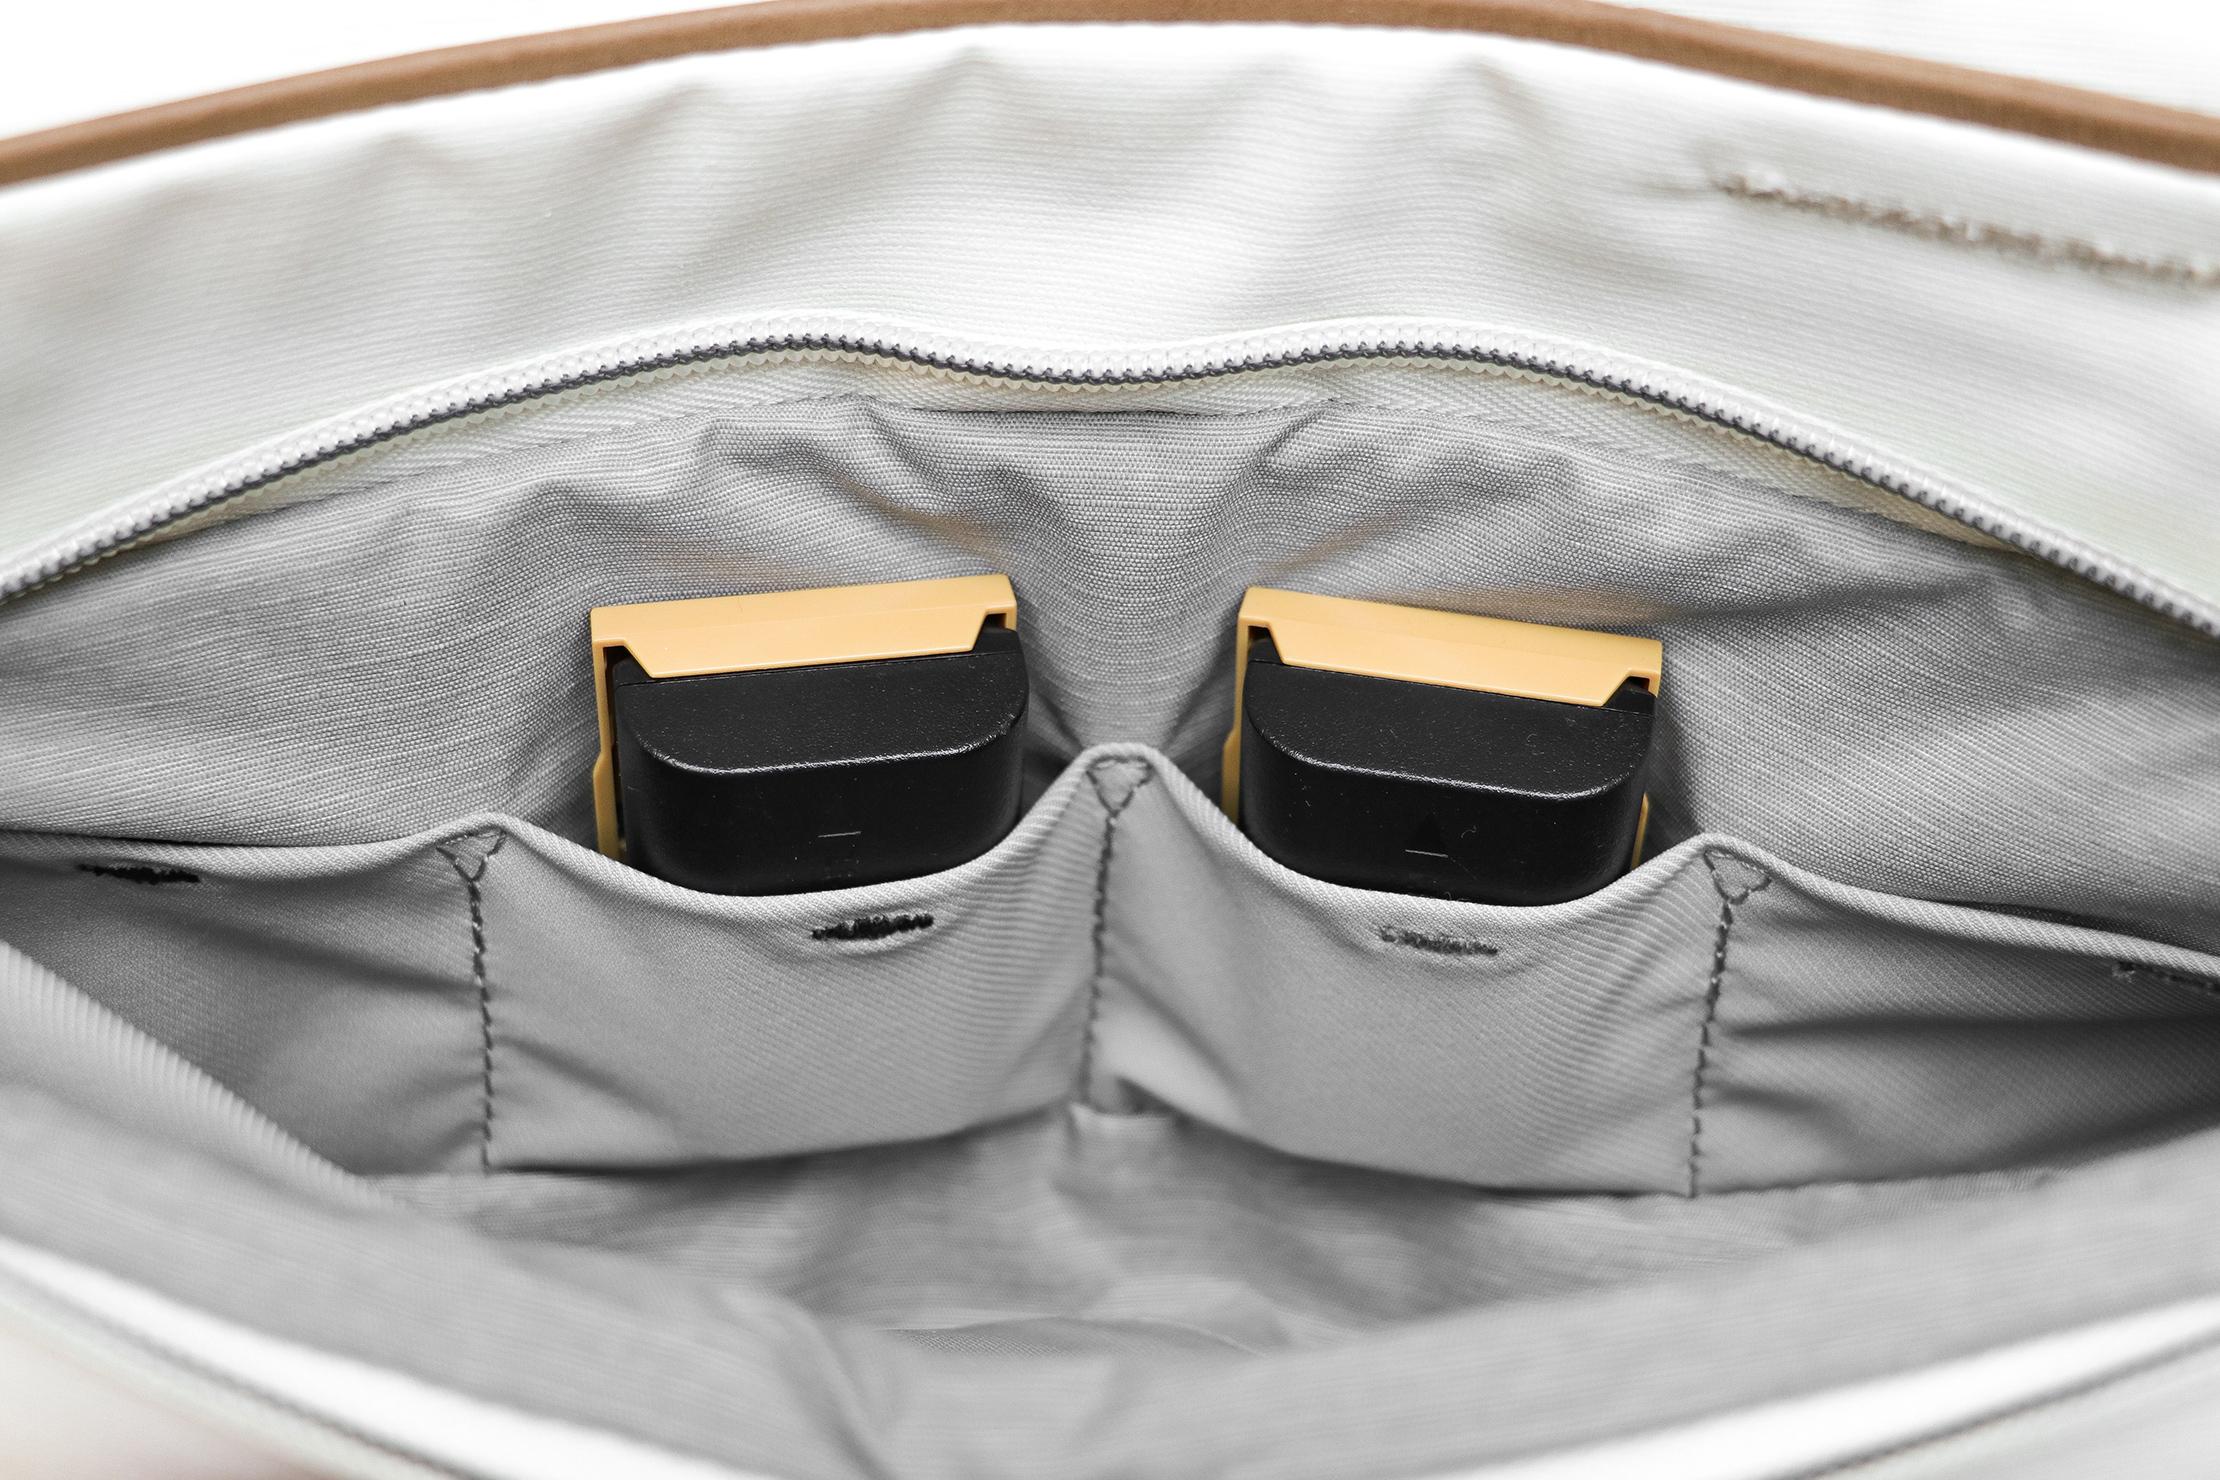 Peak Design Everyday Tote 15L V2 Colored Tabs On Pockets